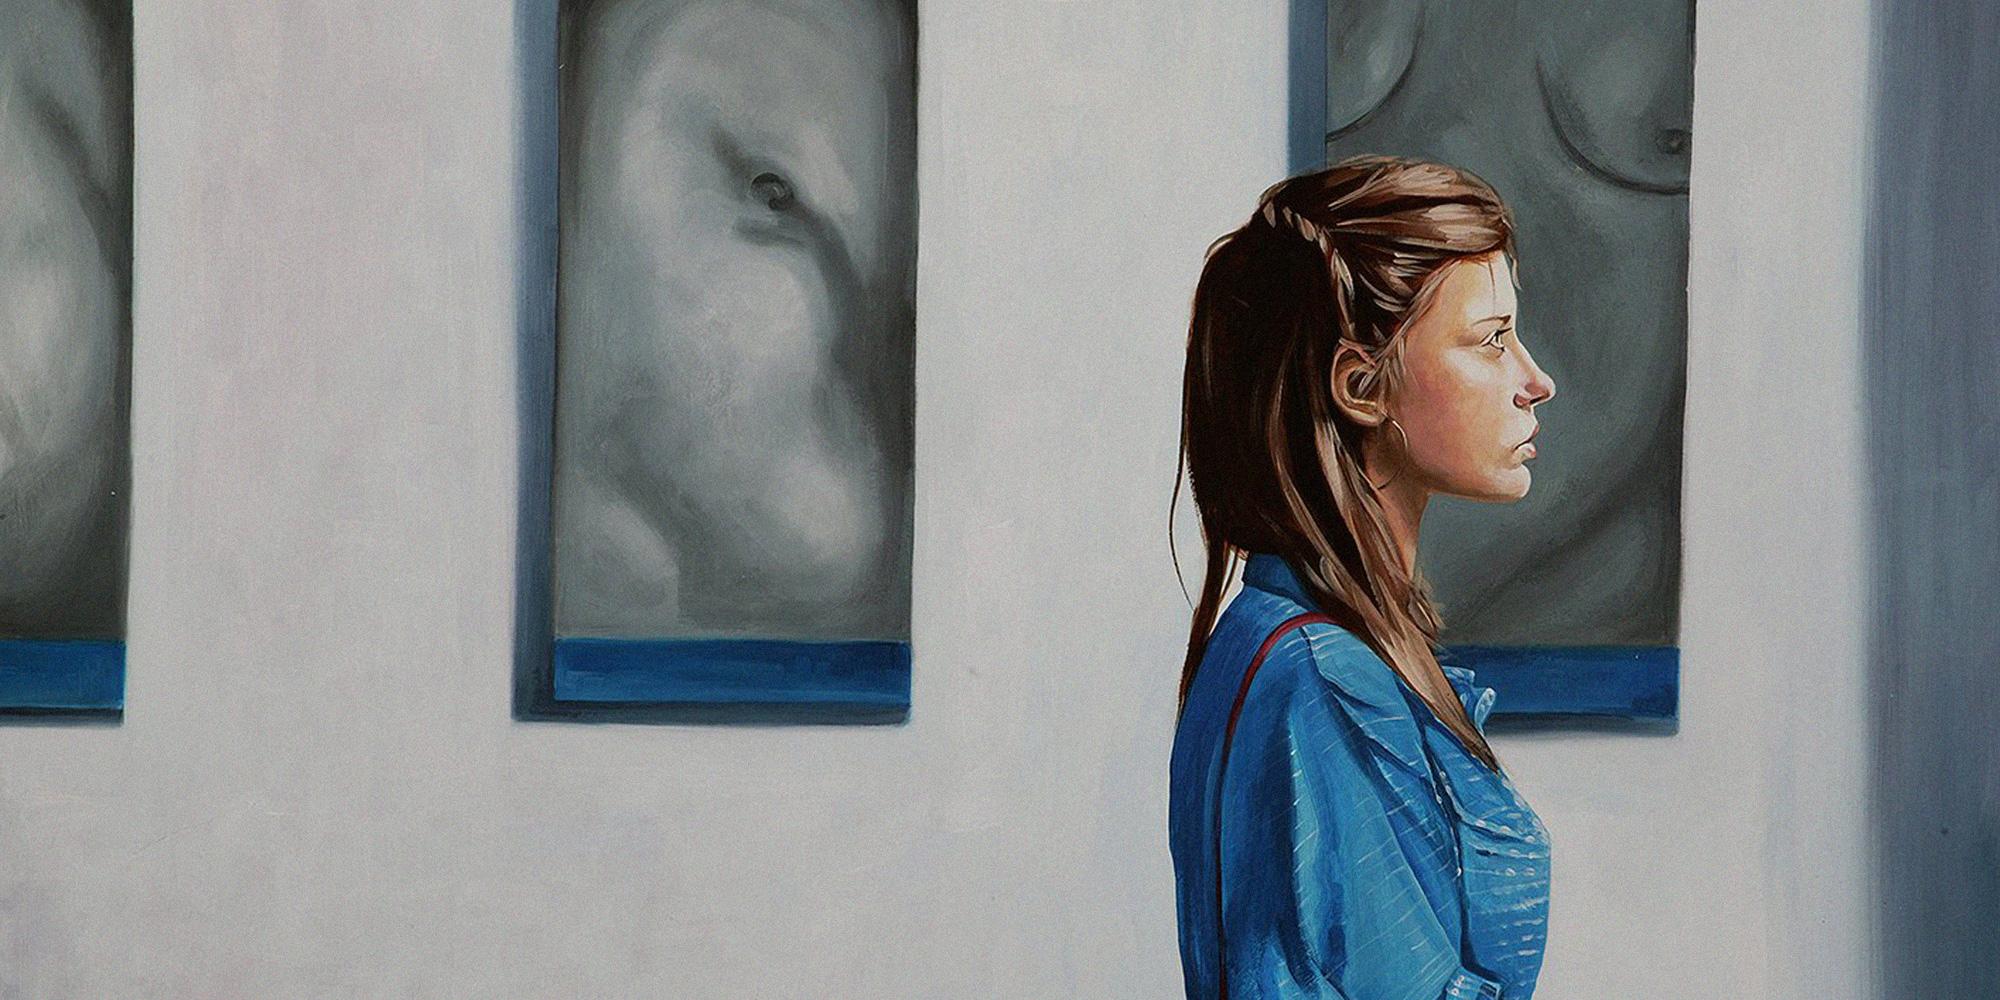 Az Adéle élete című film hatására készített illusztráció - akril, vászon